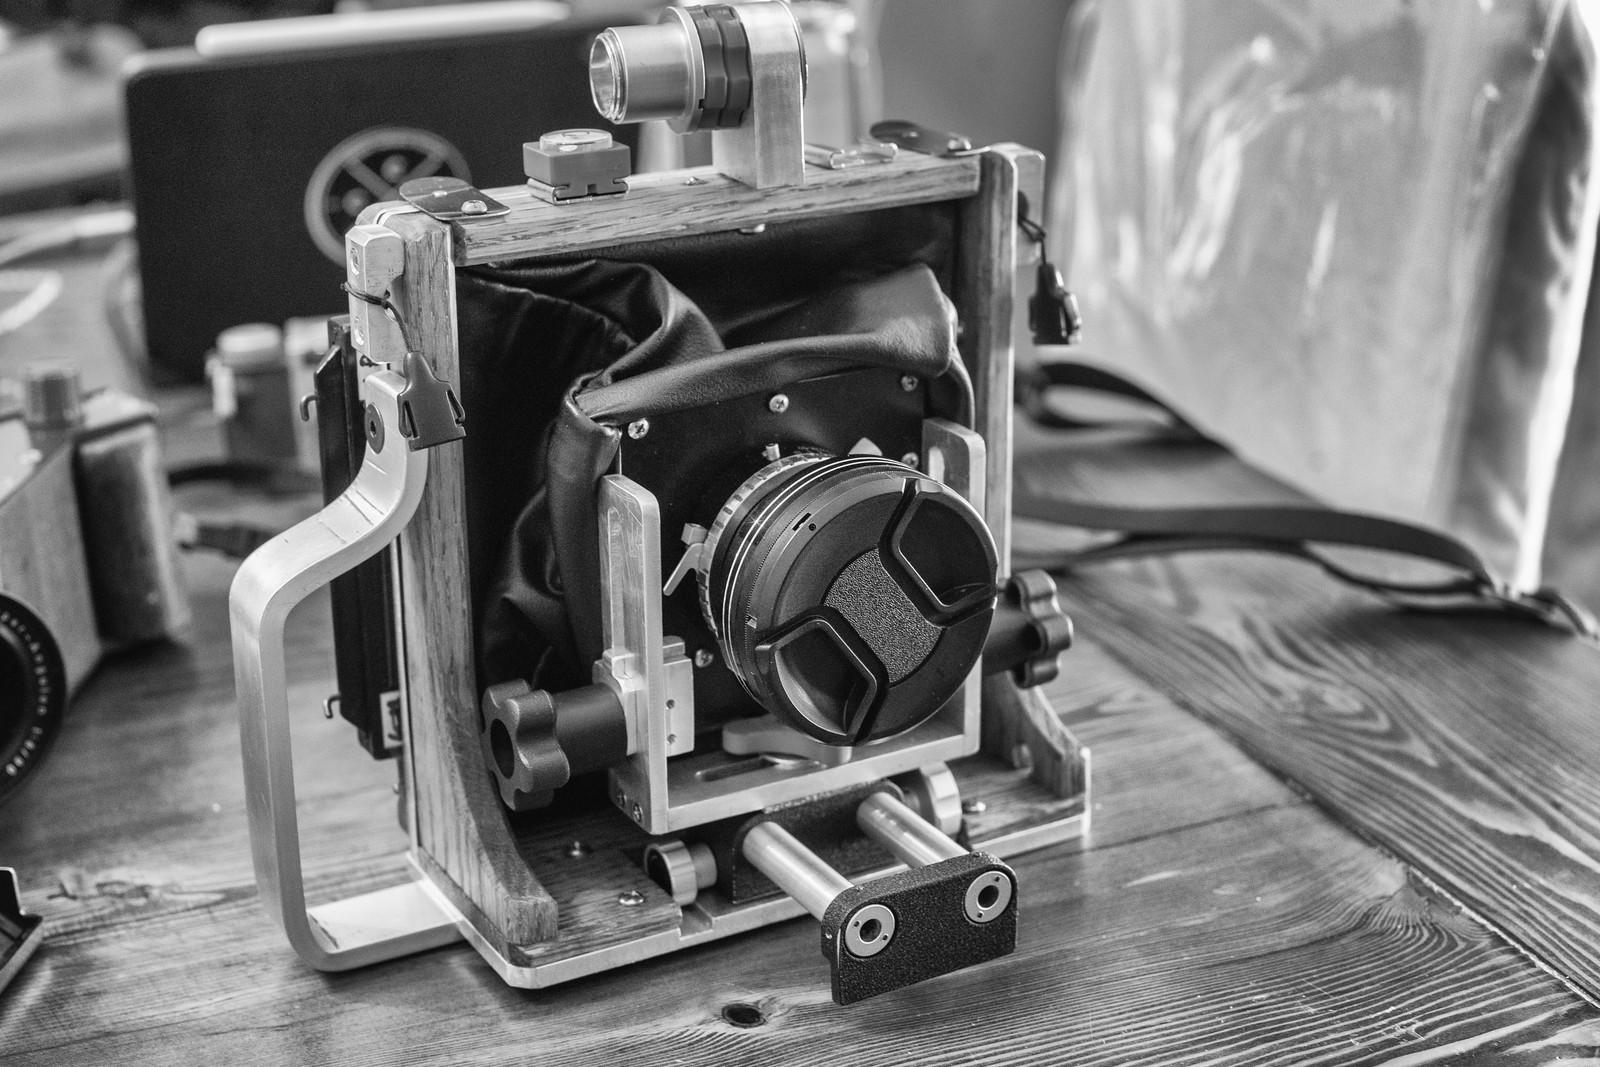 Episode 76 - DIY: 'Zines & Cameras